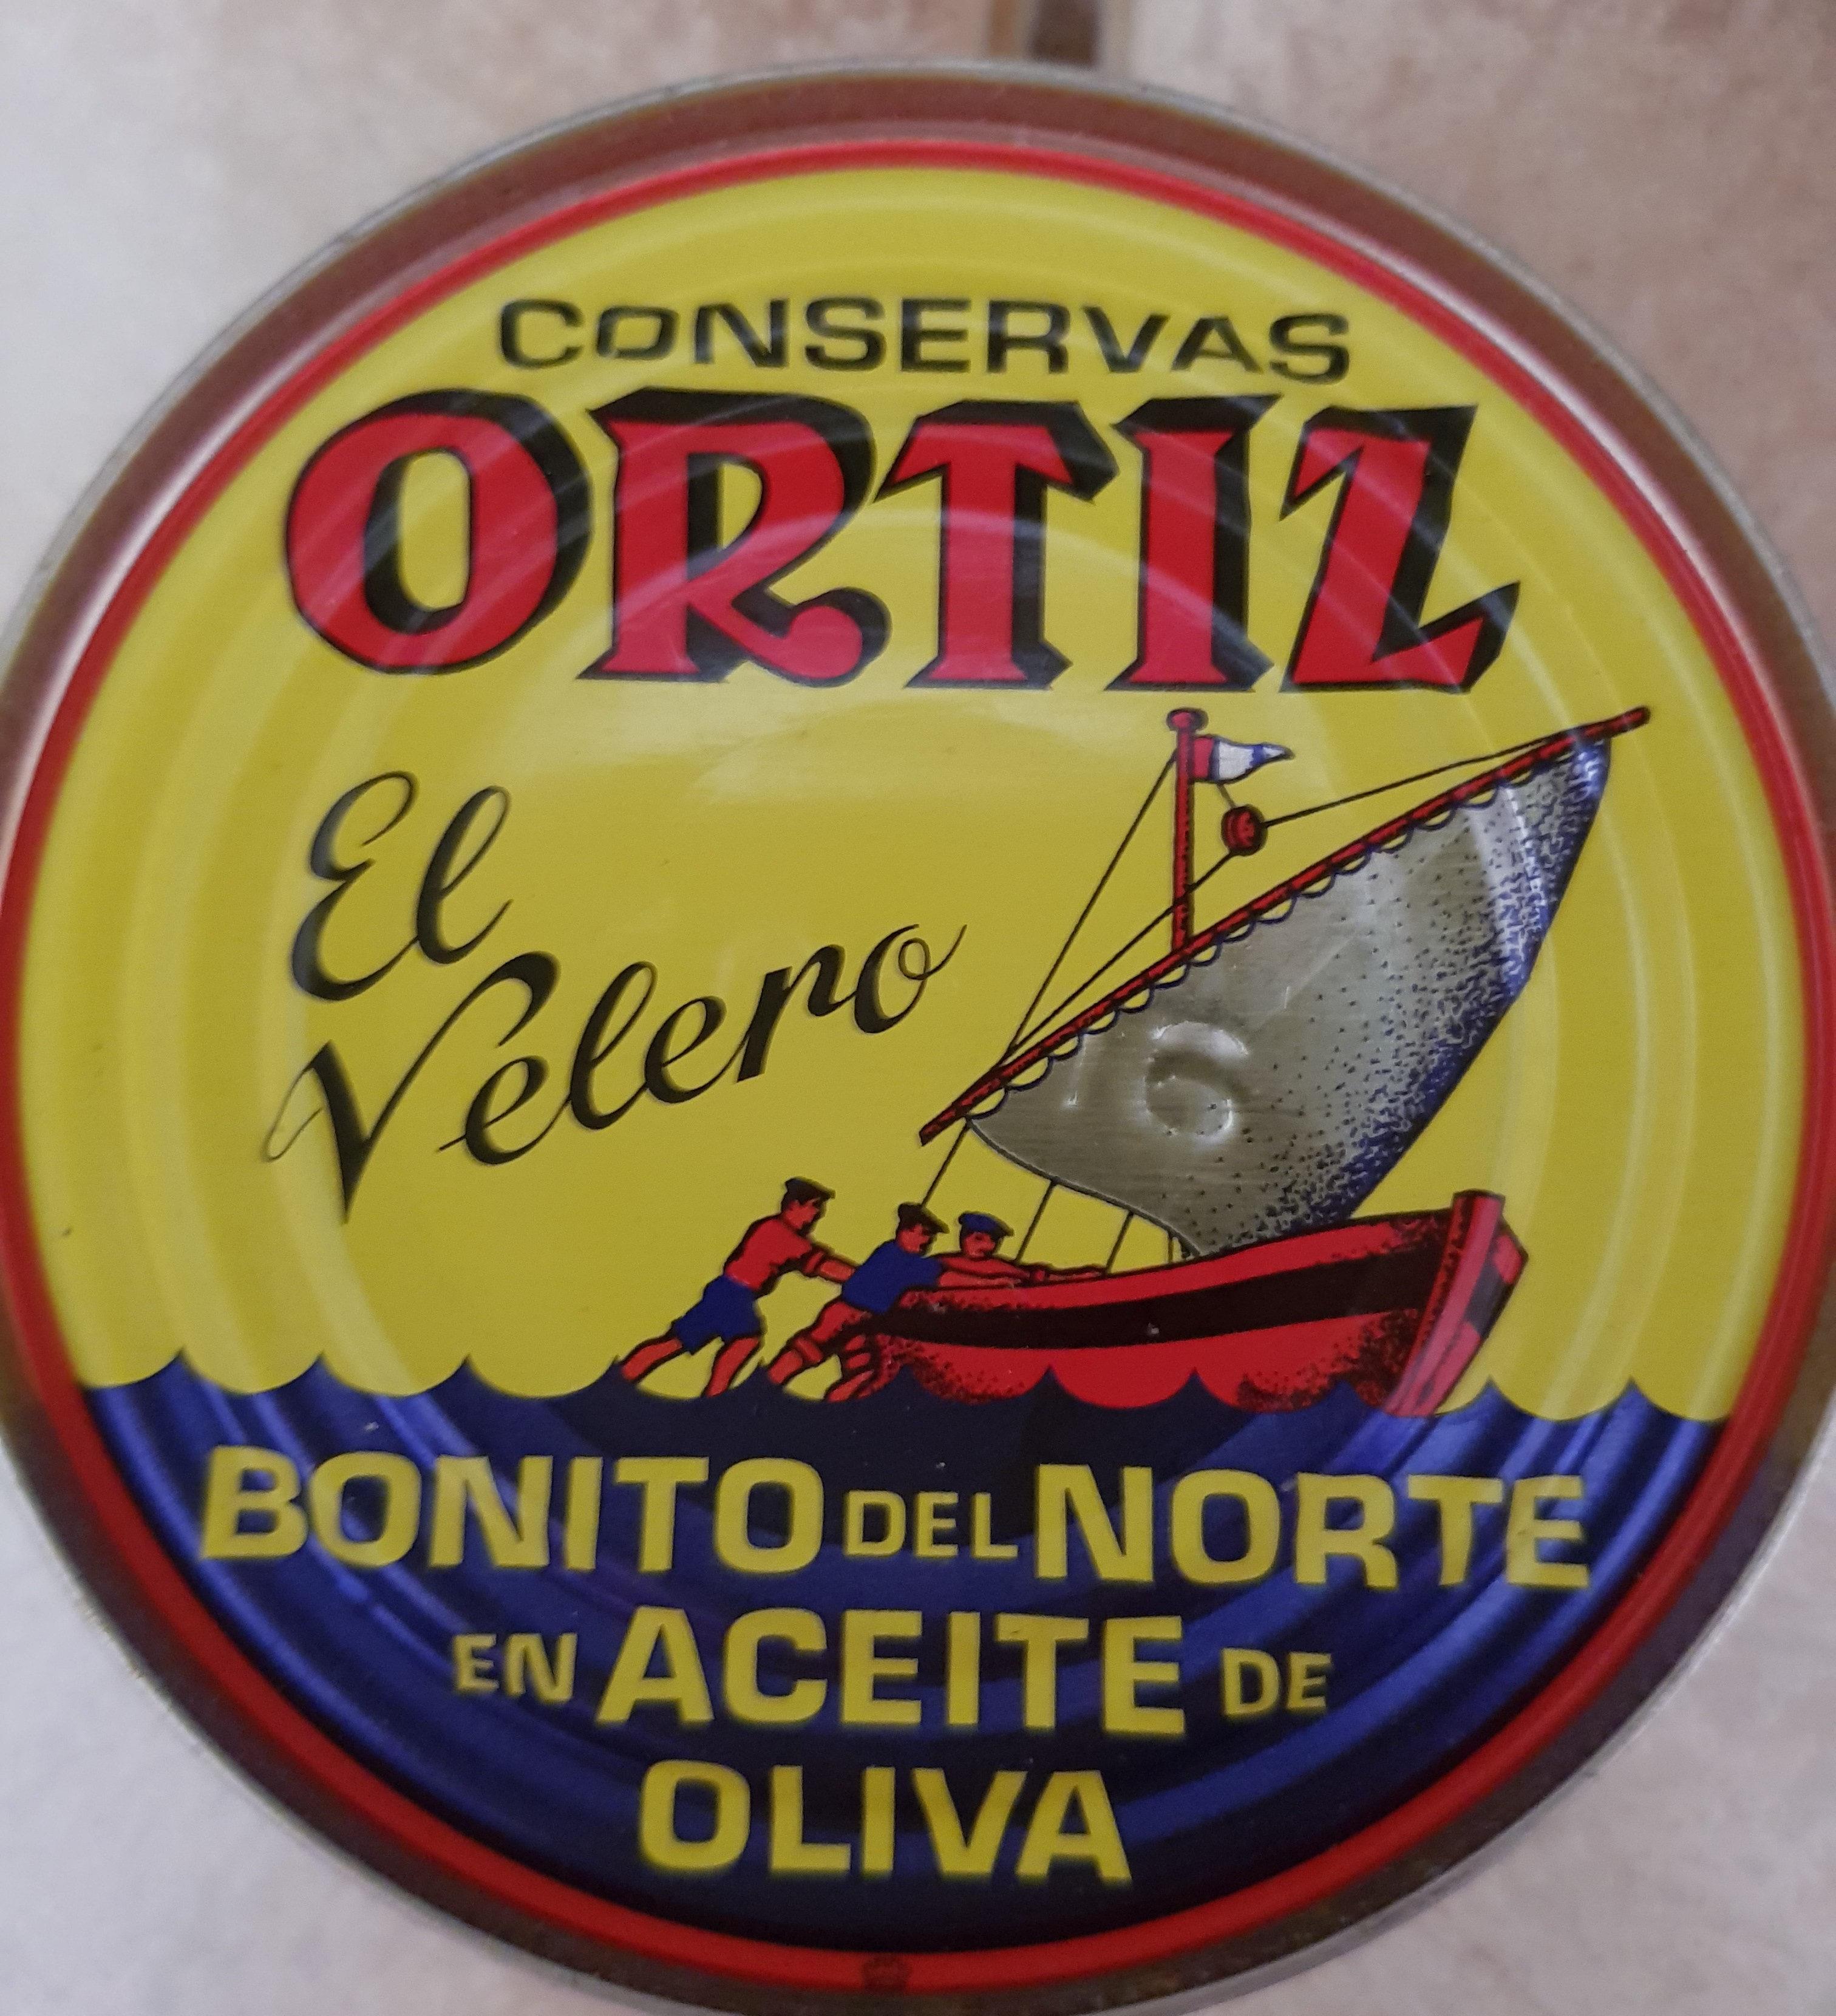 Bonito del norte en aceite de oliva - Producte - es